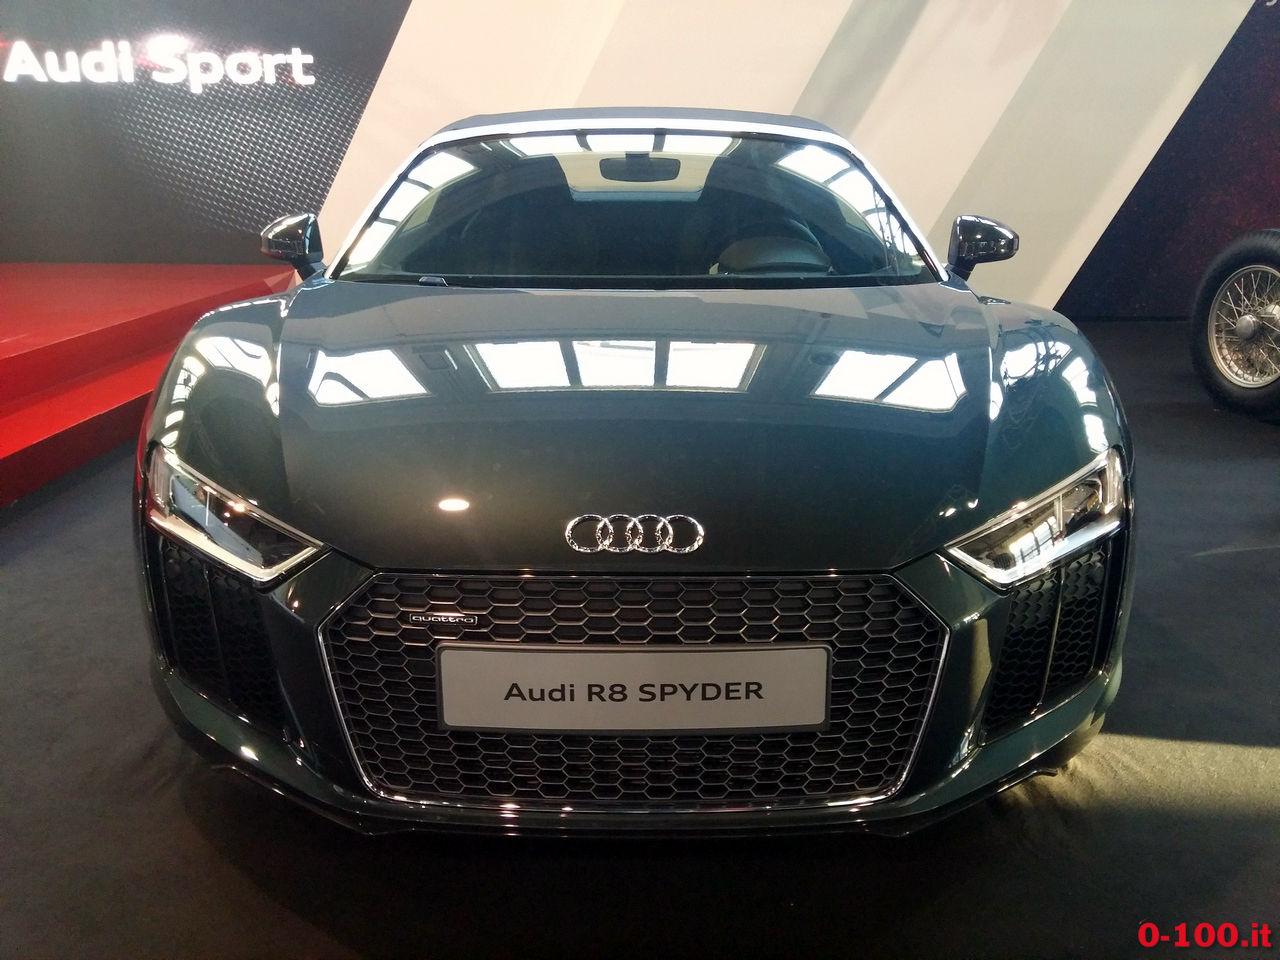 automotodepoca-2016-audi-audir8-car-market-mercato-auto-prezzo-price_0-10052